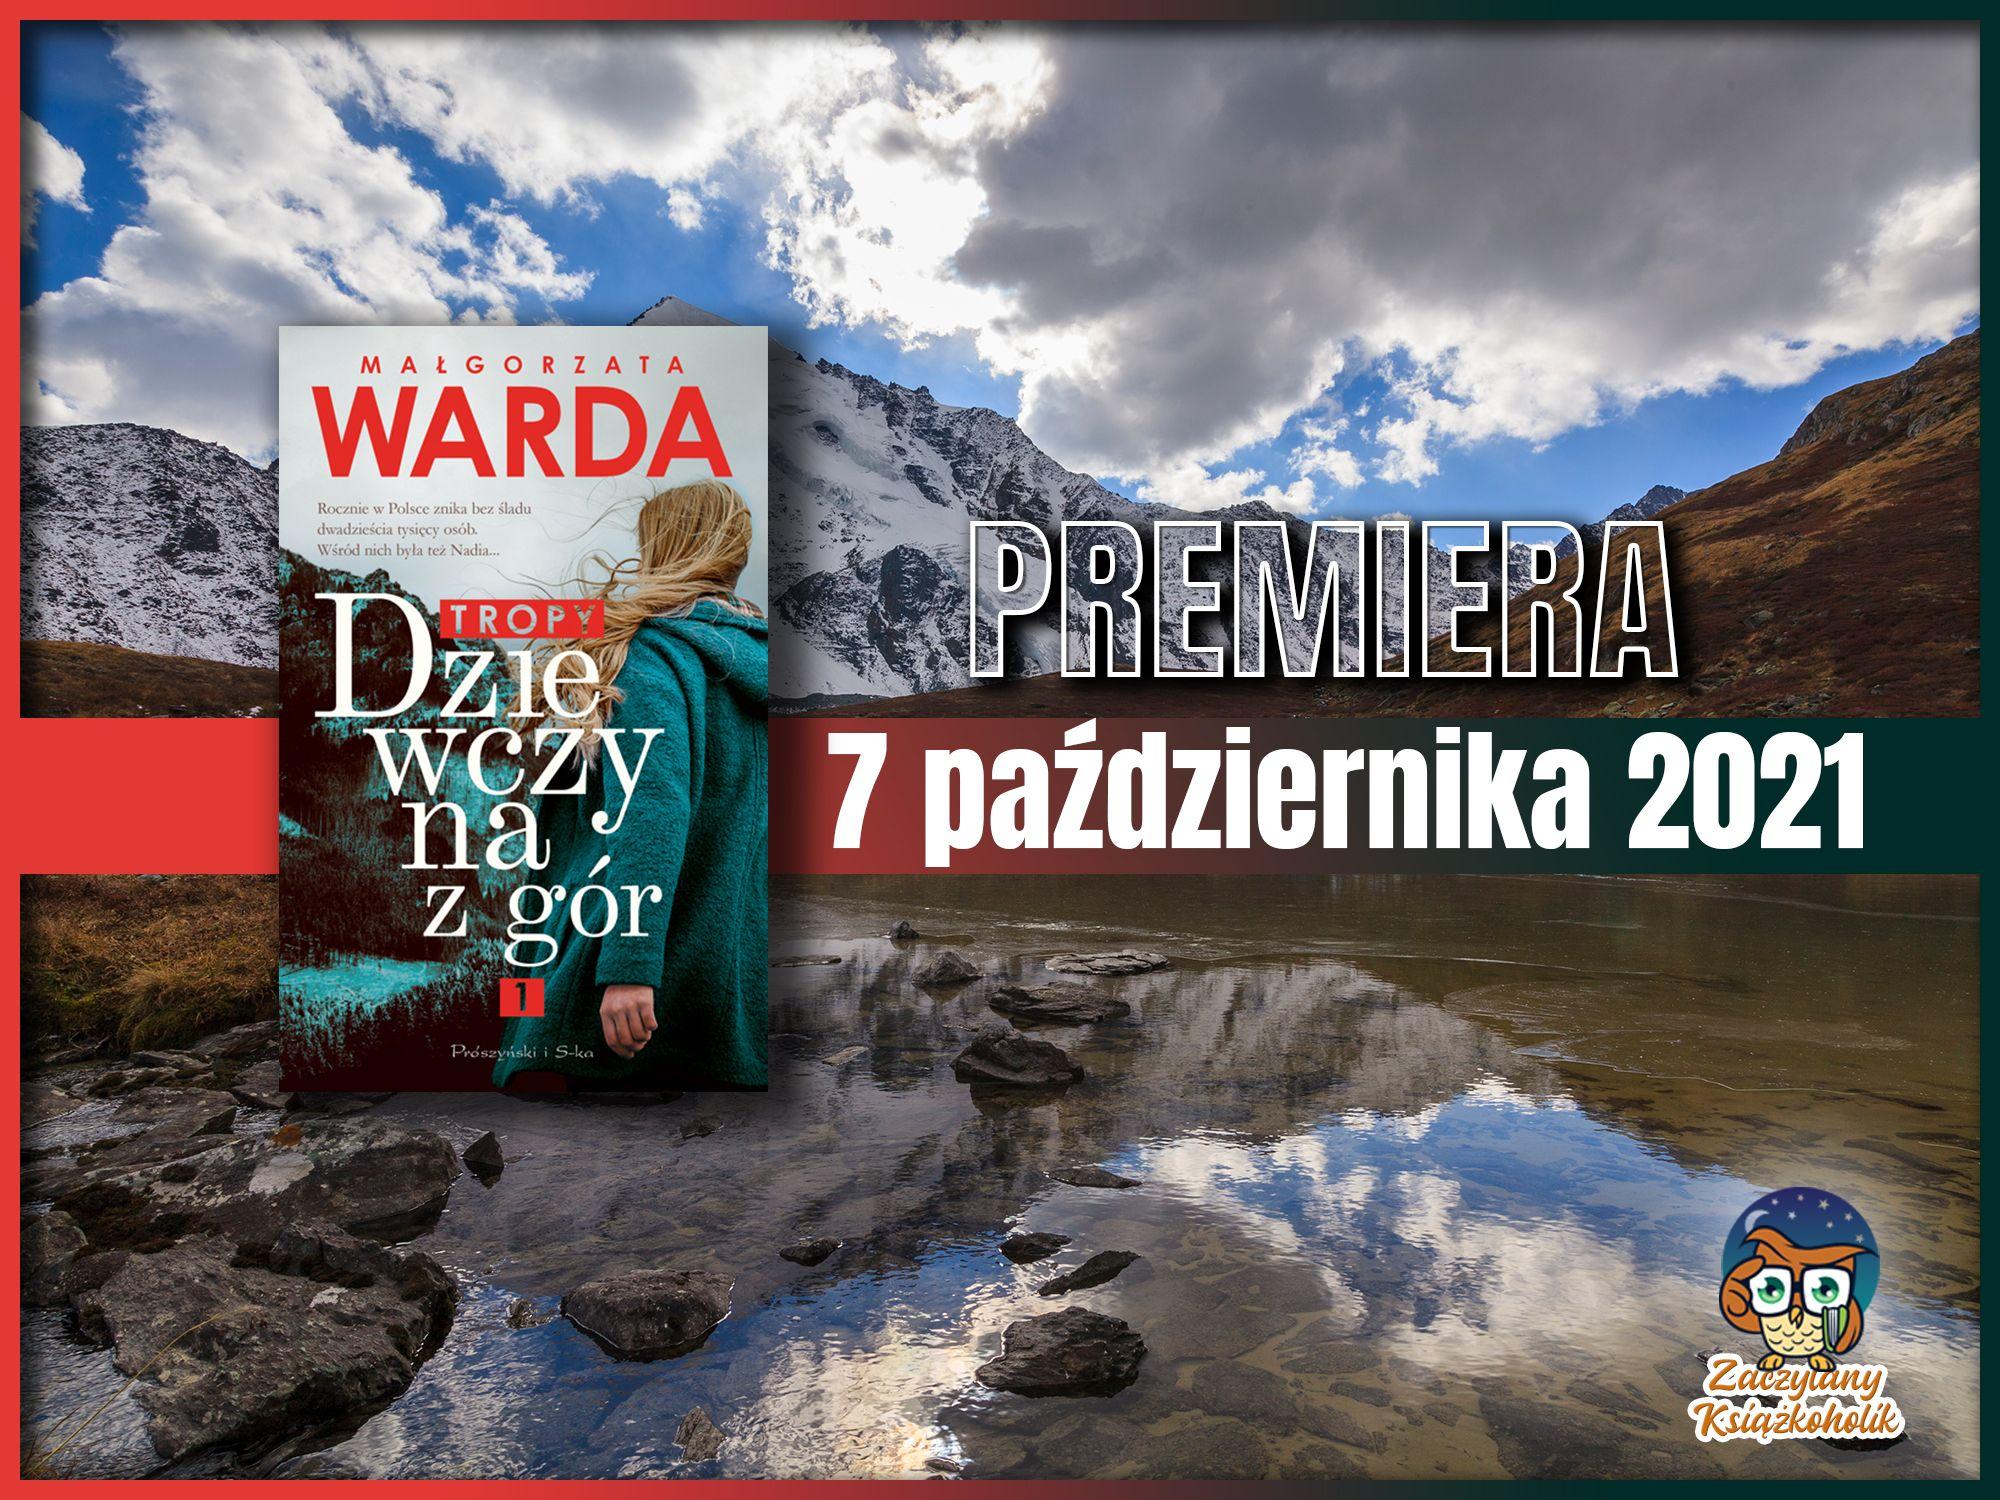 Dziewczyna z gór. Tropy, Małgorzata Warda, zaczytanyksiazkoholik.pl